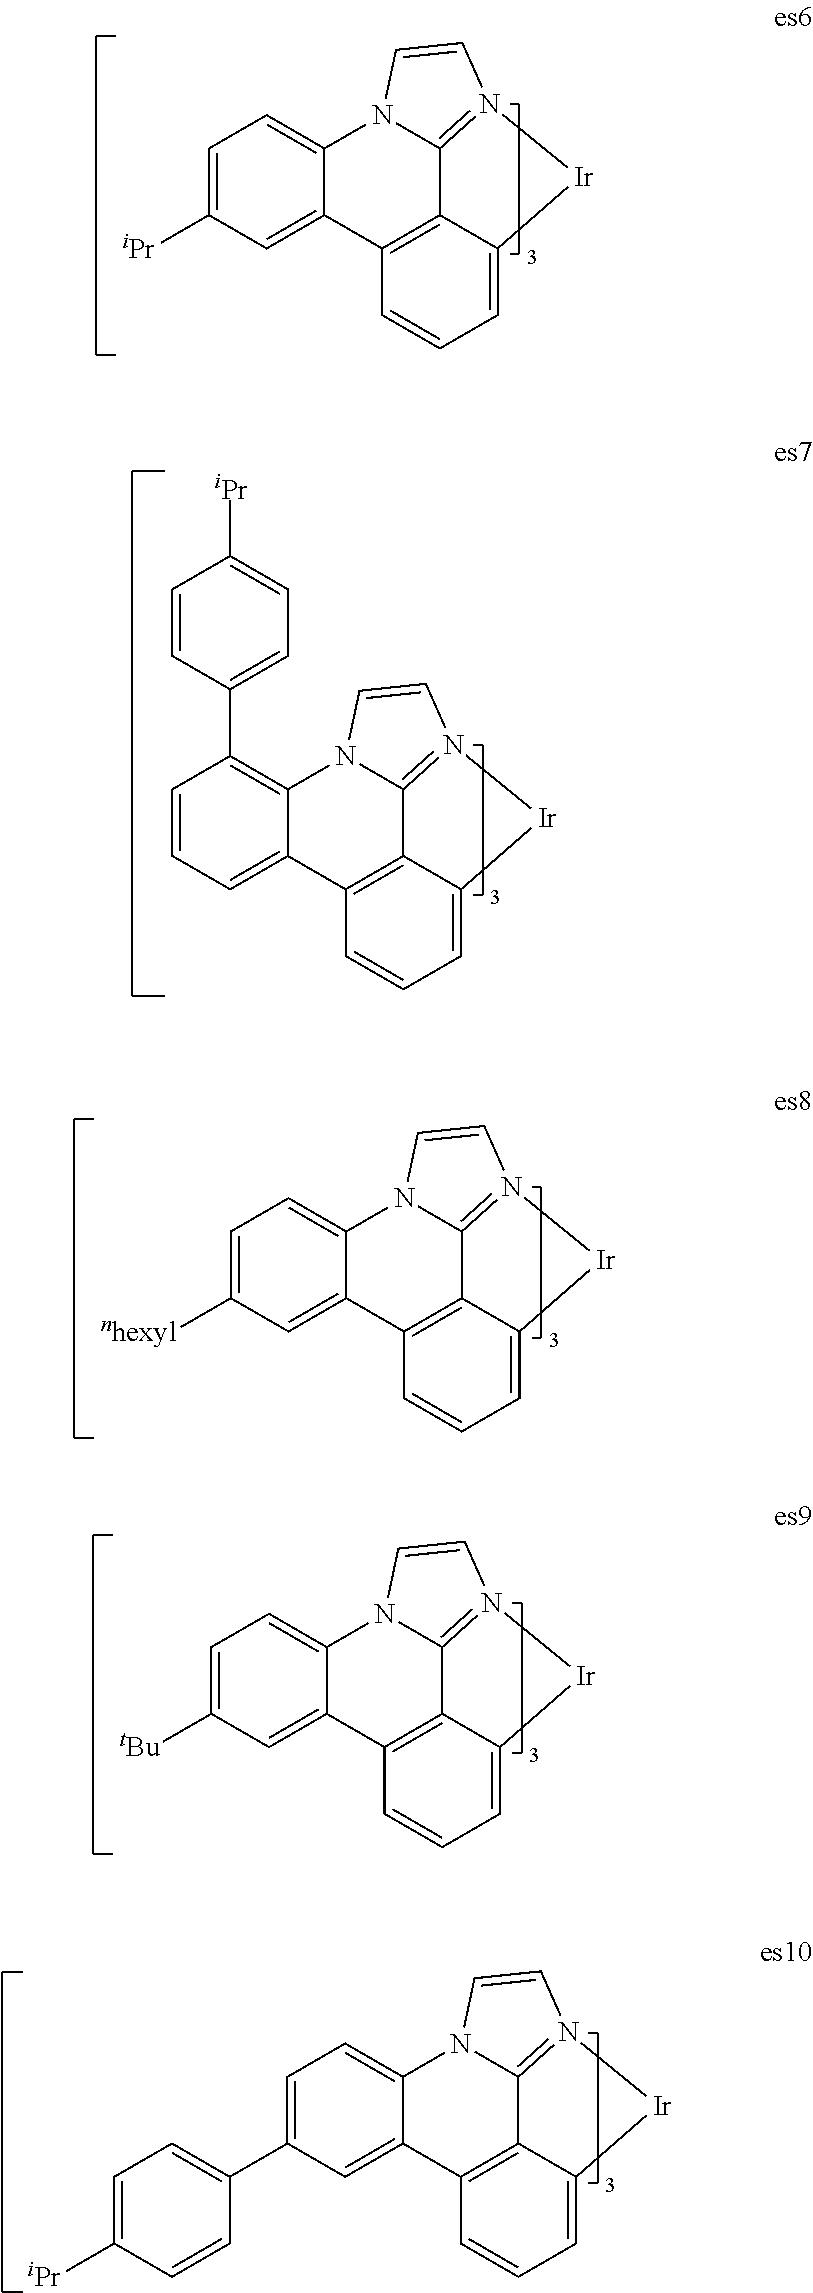 Figure US20110073849A1-20110331-C00011